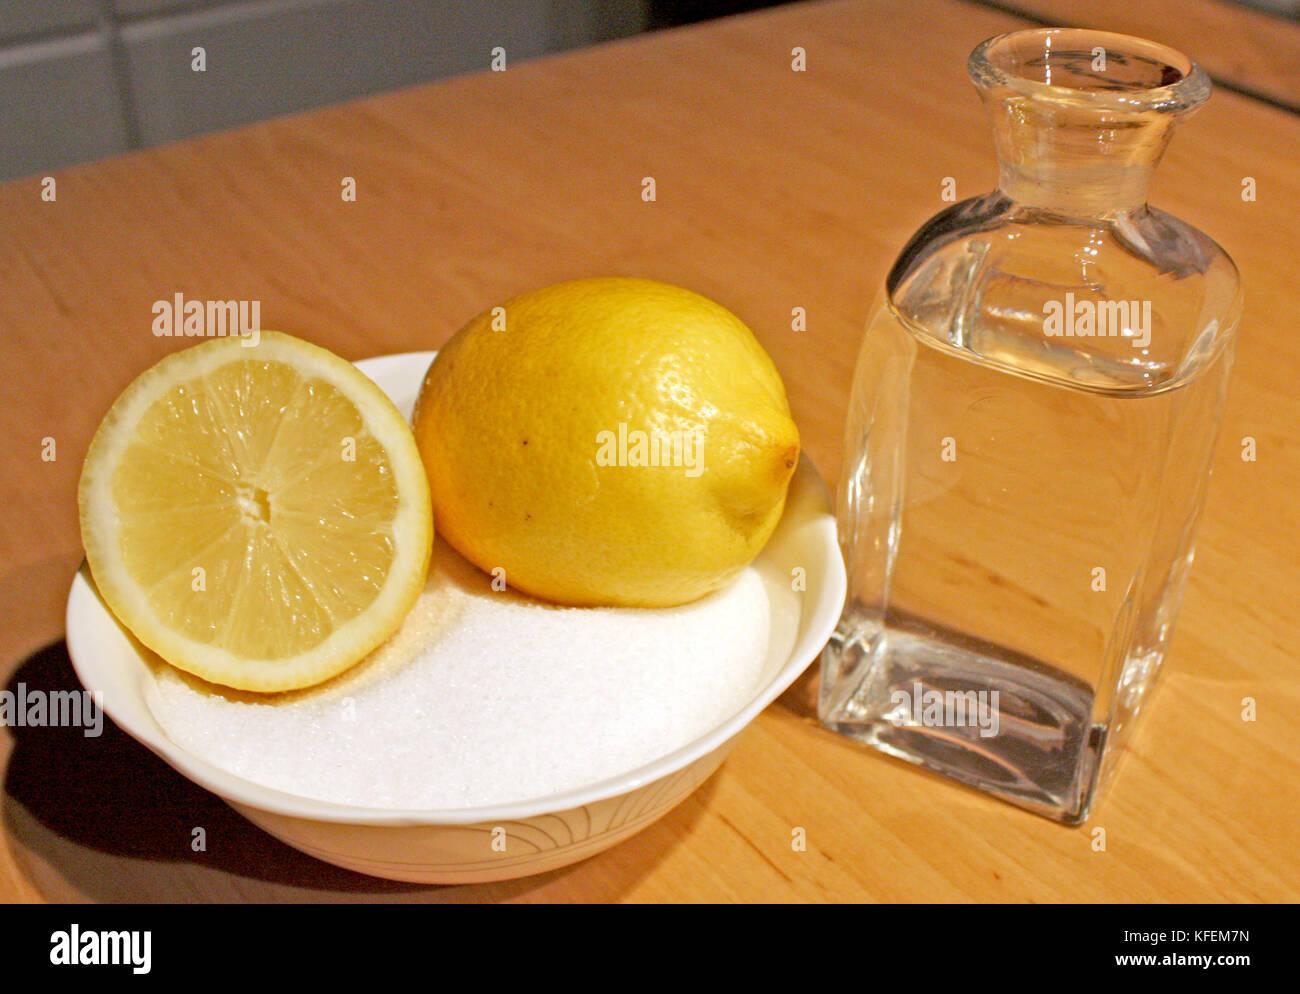 Sugaring Haar Entfernung Mit Zucker Wasser Und Zitrone